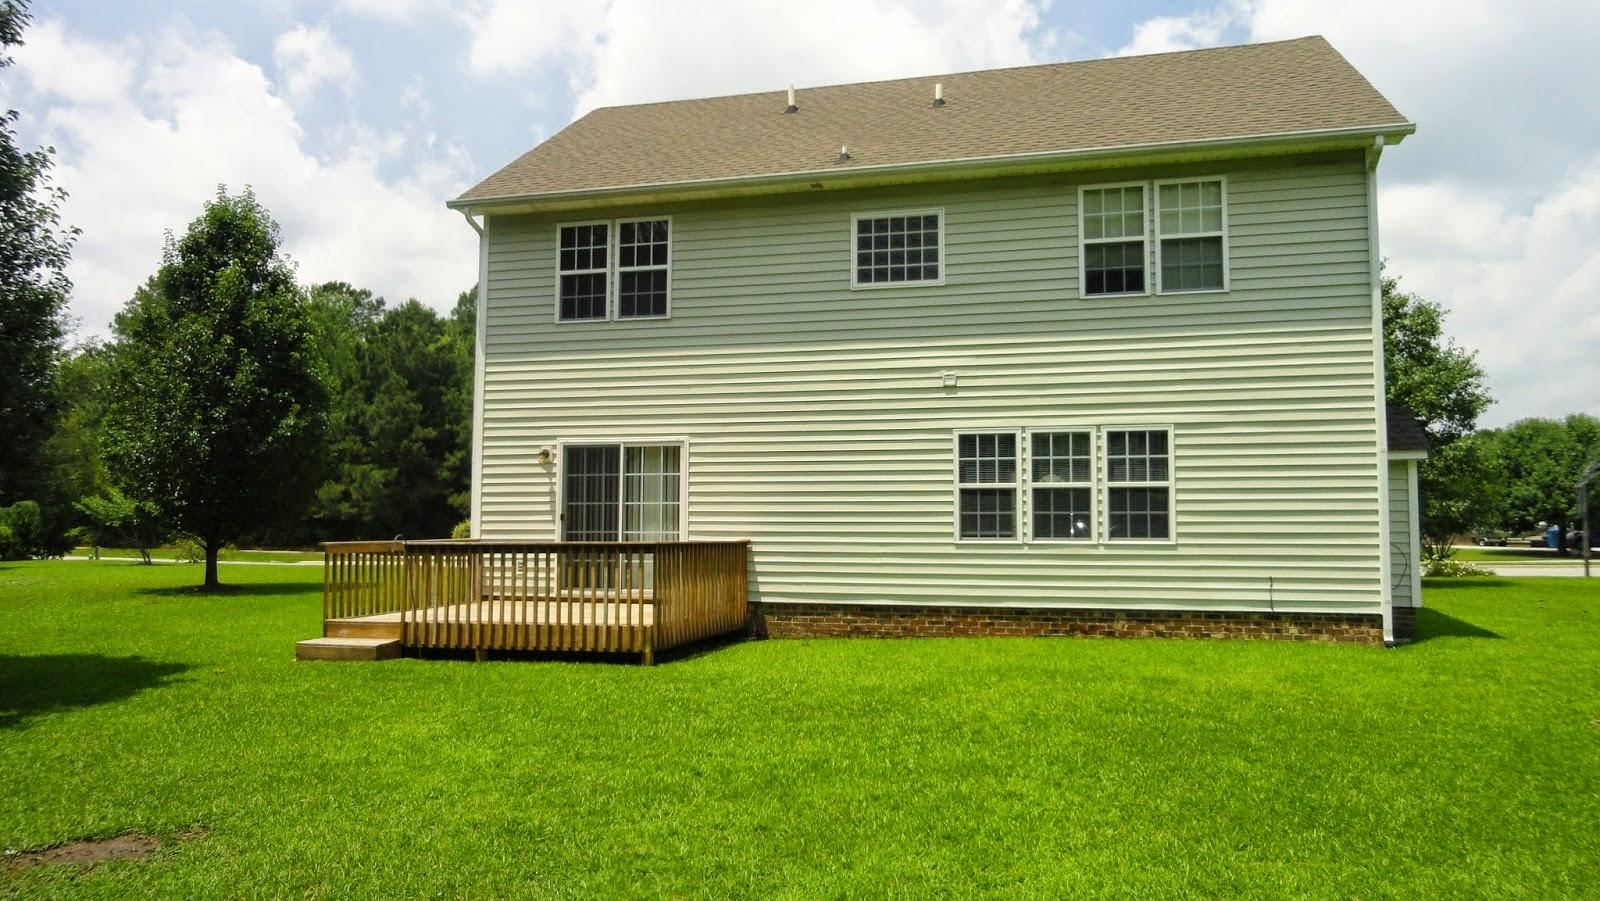 Jacksonville north carolina real estate four bedroom - 4 bedroom homes for sale in jacksonville fl ...